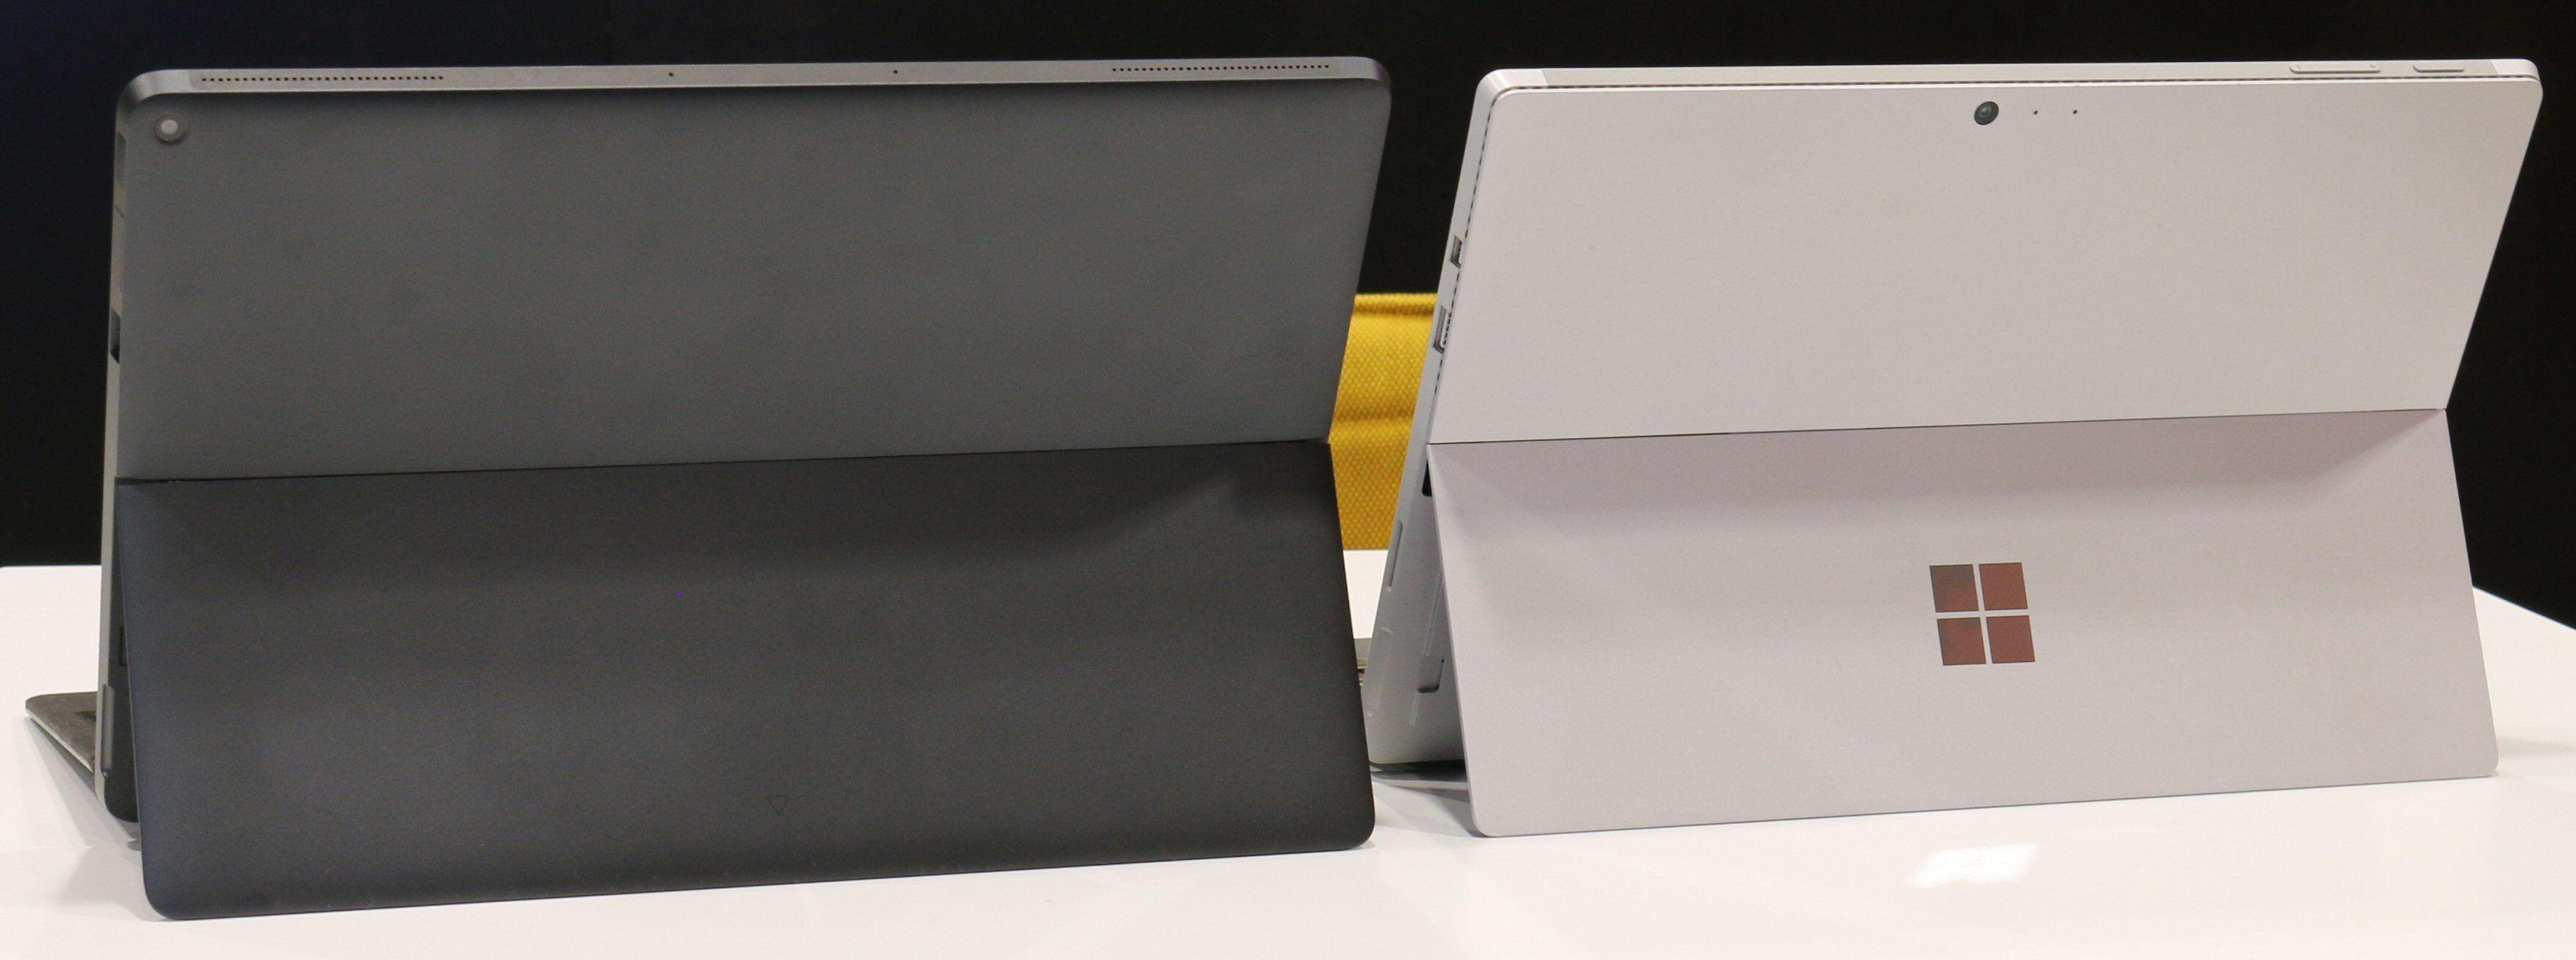 Det er mange likheter mellom Eve V og Surface Pro, her representert ved Pro 4. Bilde: Vegar Jansen, Tek.no